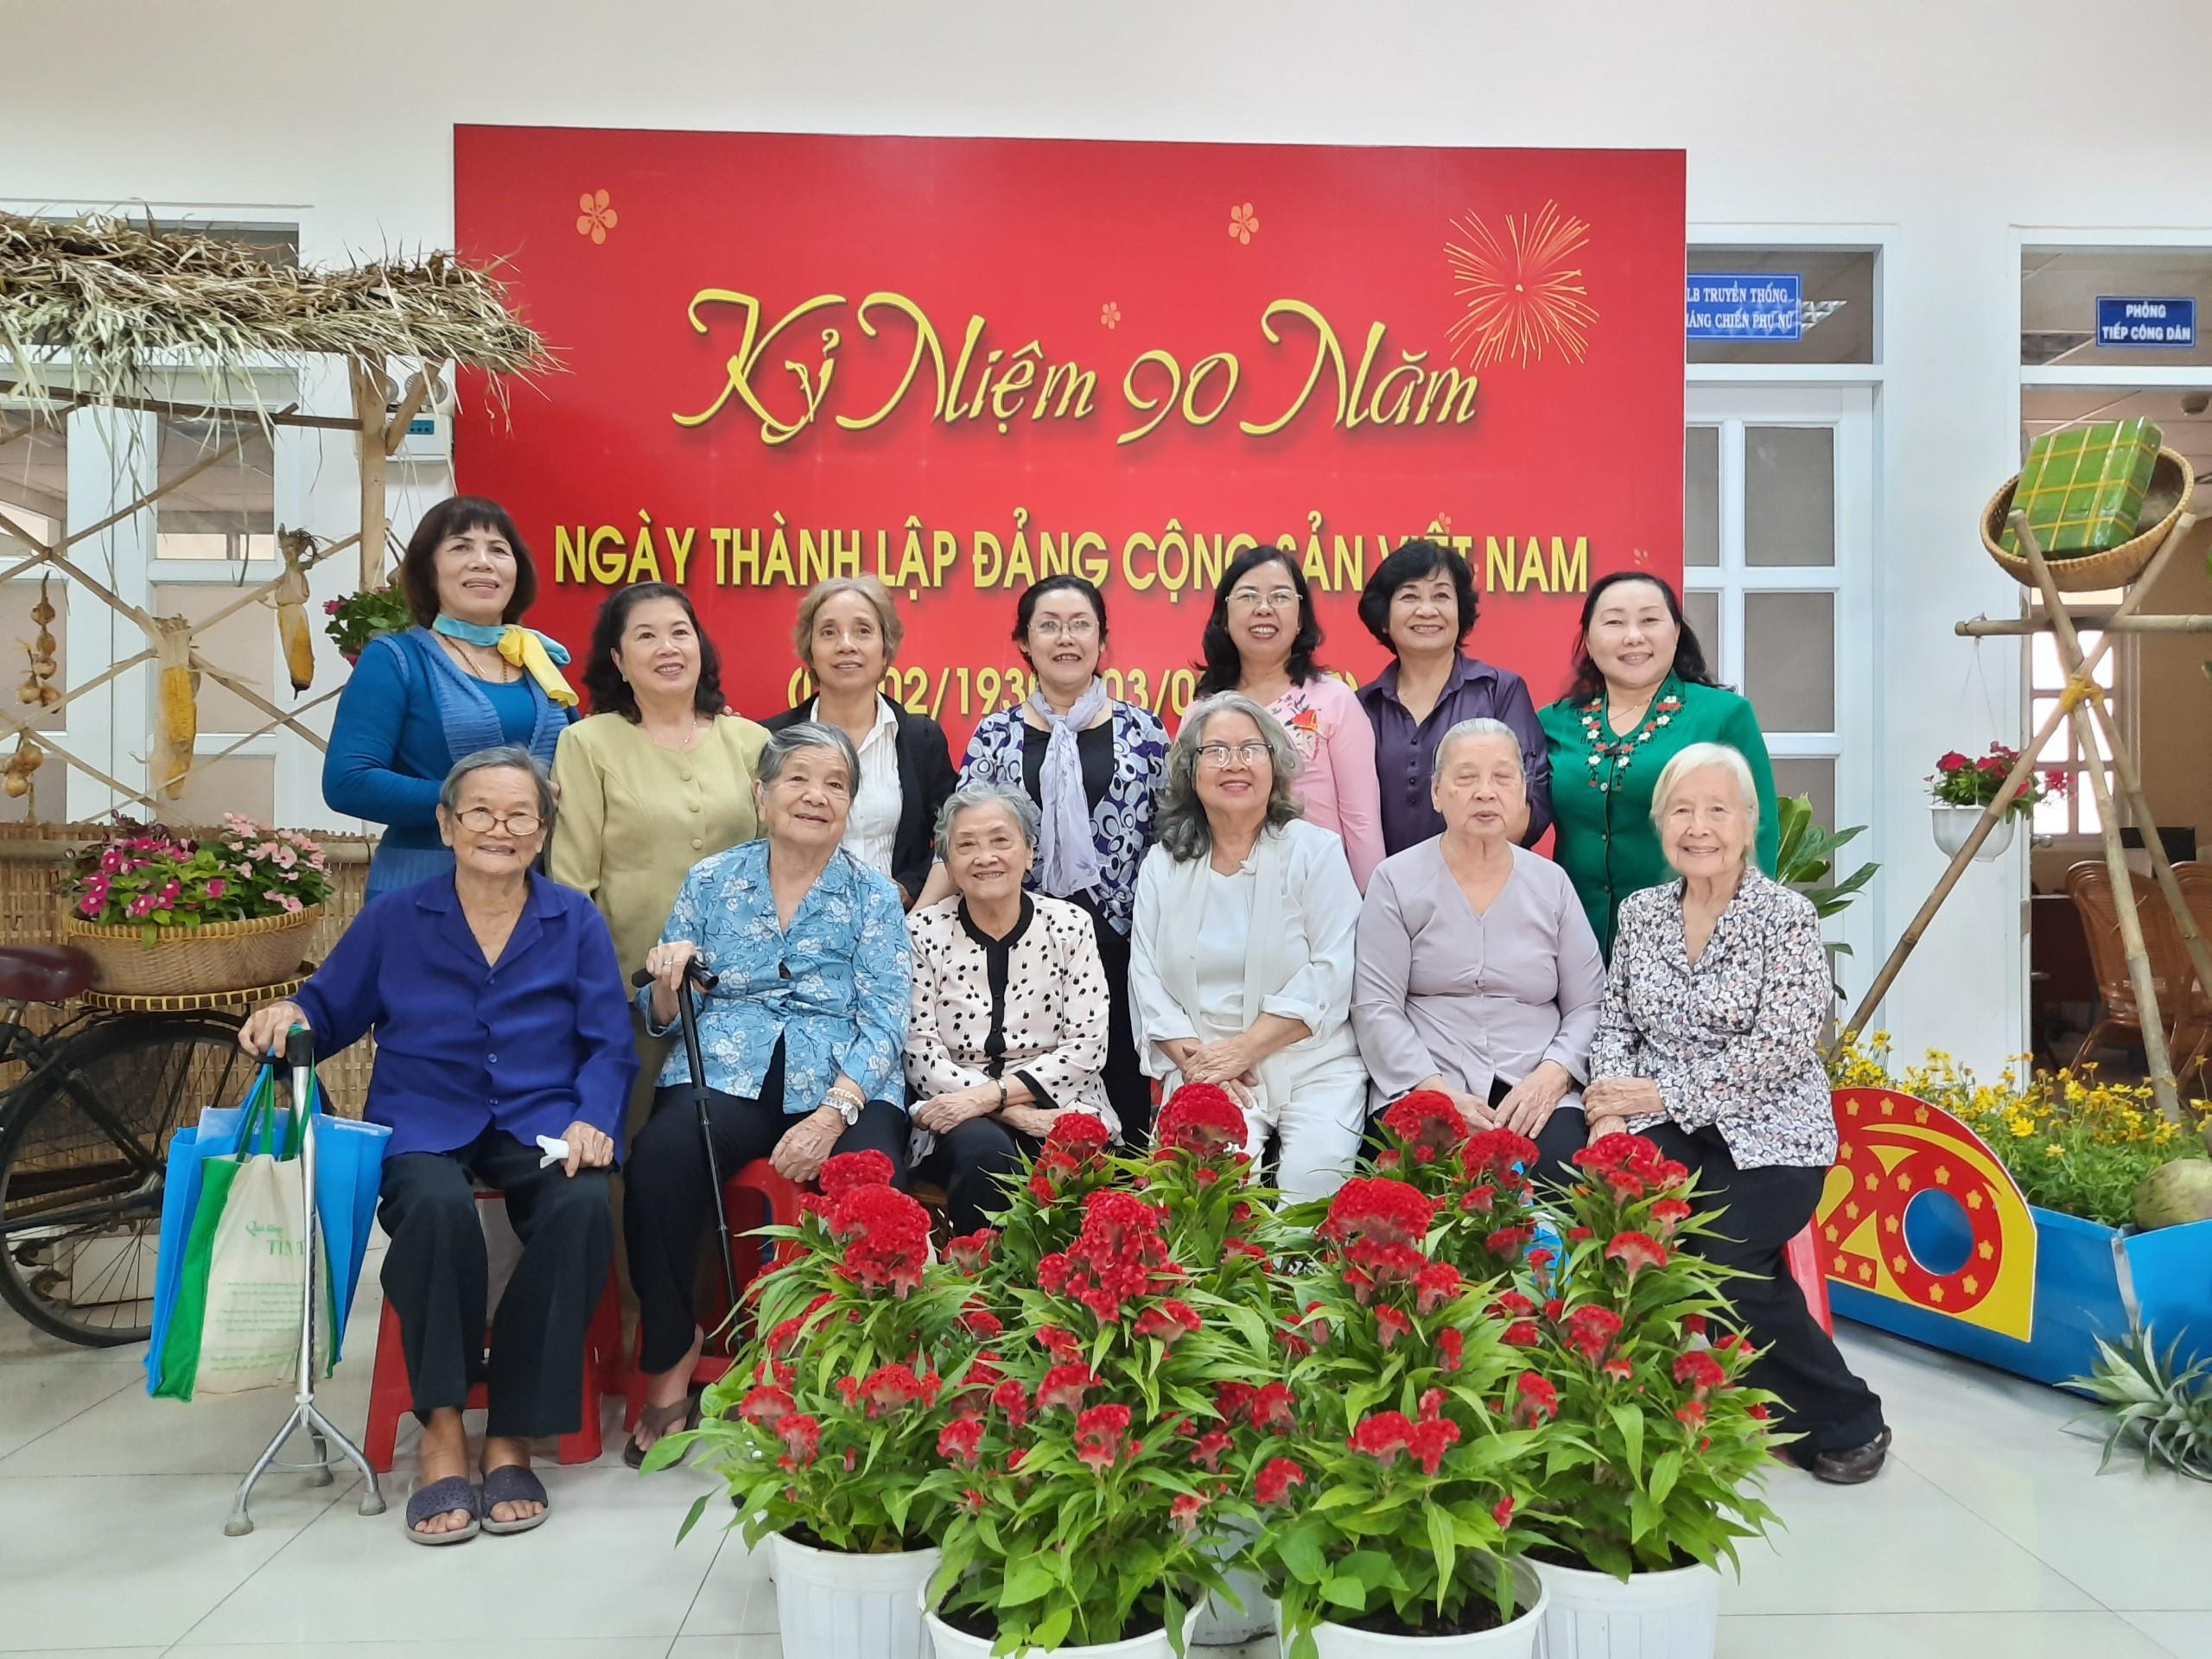 Các nữ cán bộ hưu trí tề tựu ngày cuối năm tại trụ sở Hội LHPN TP.HCM.